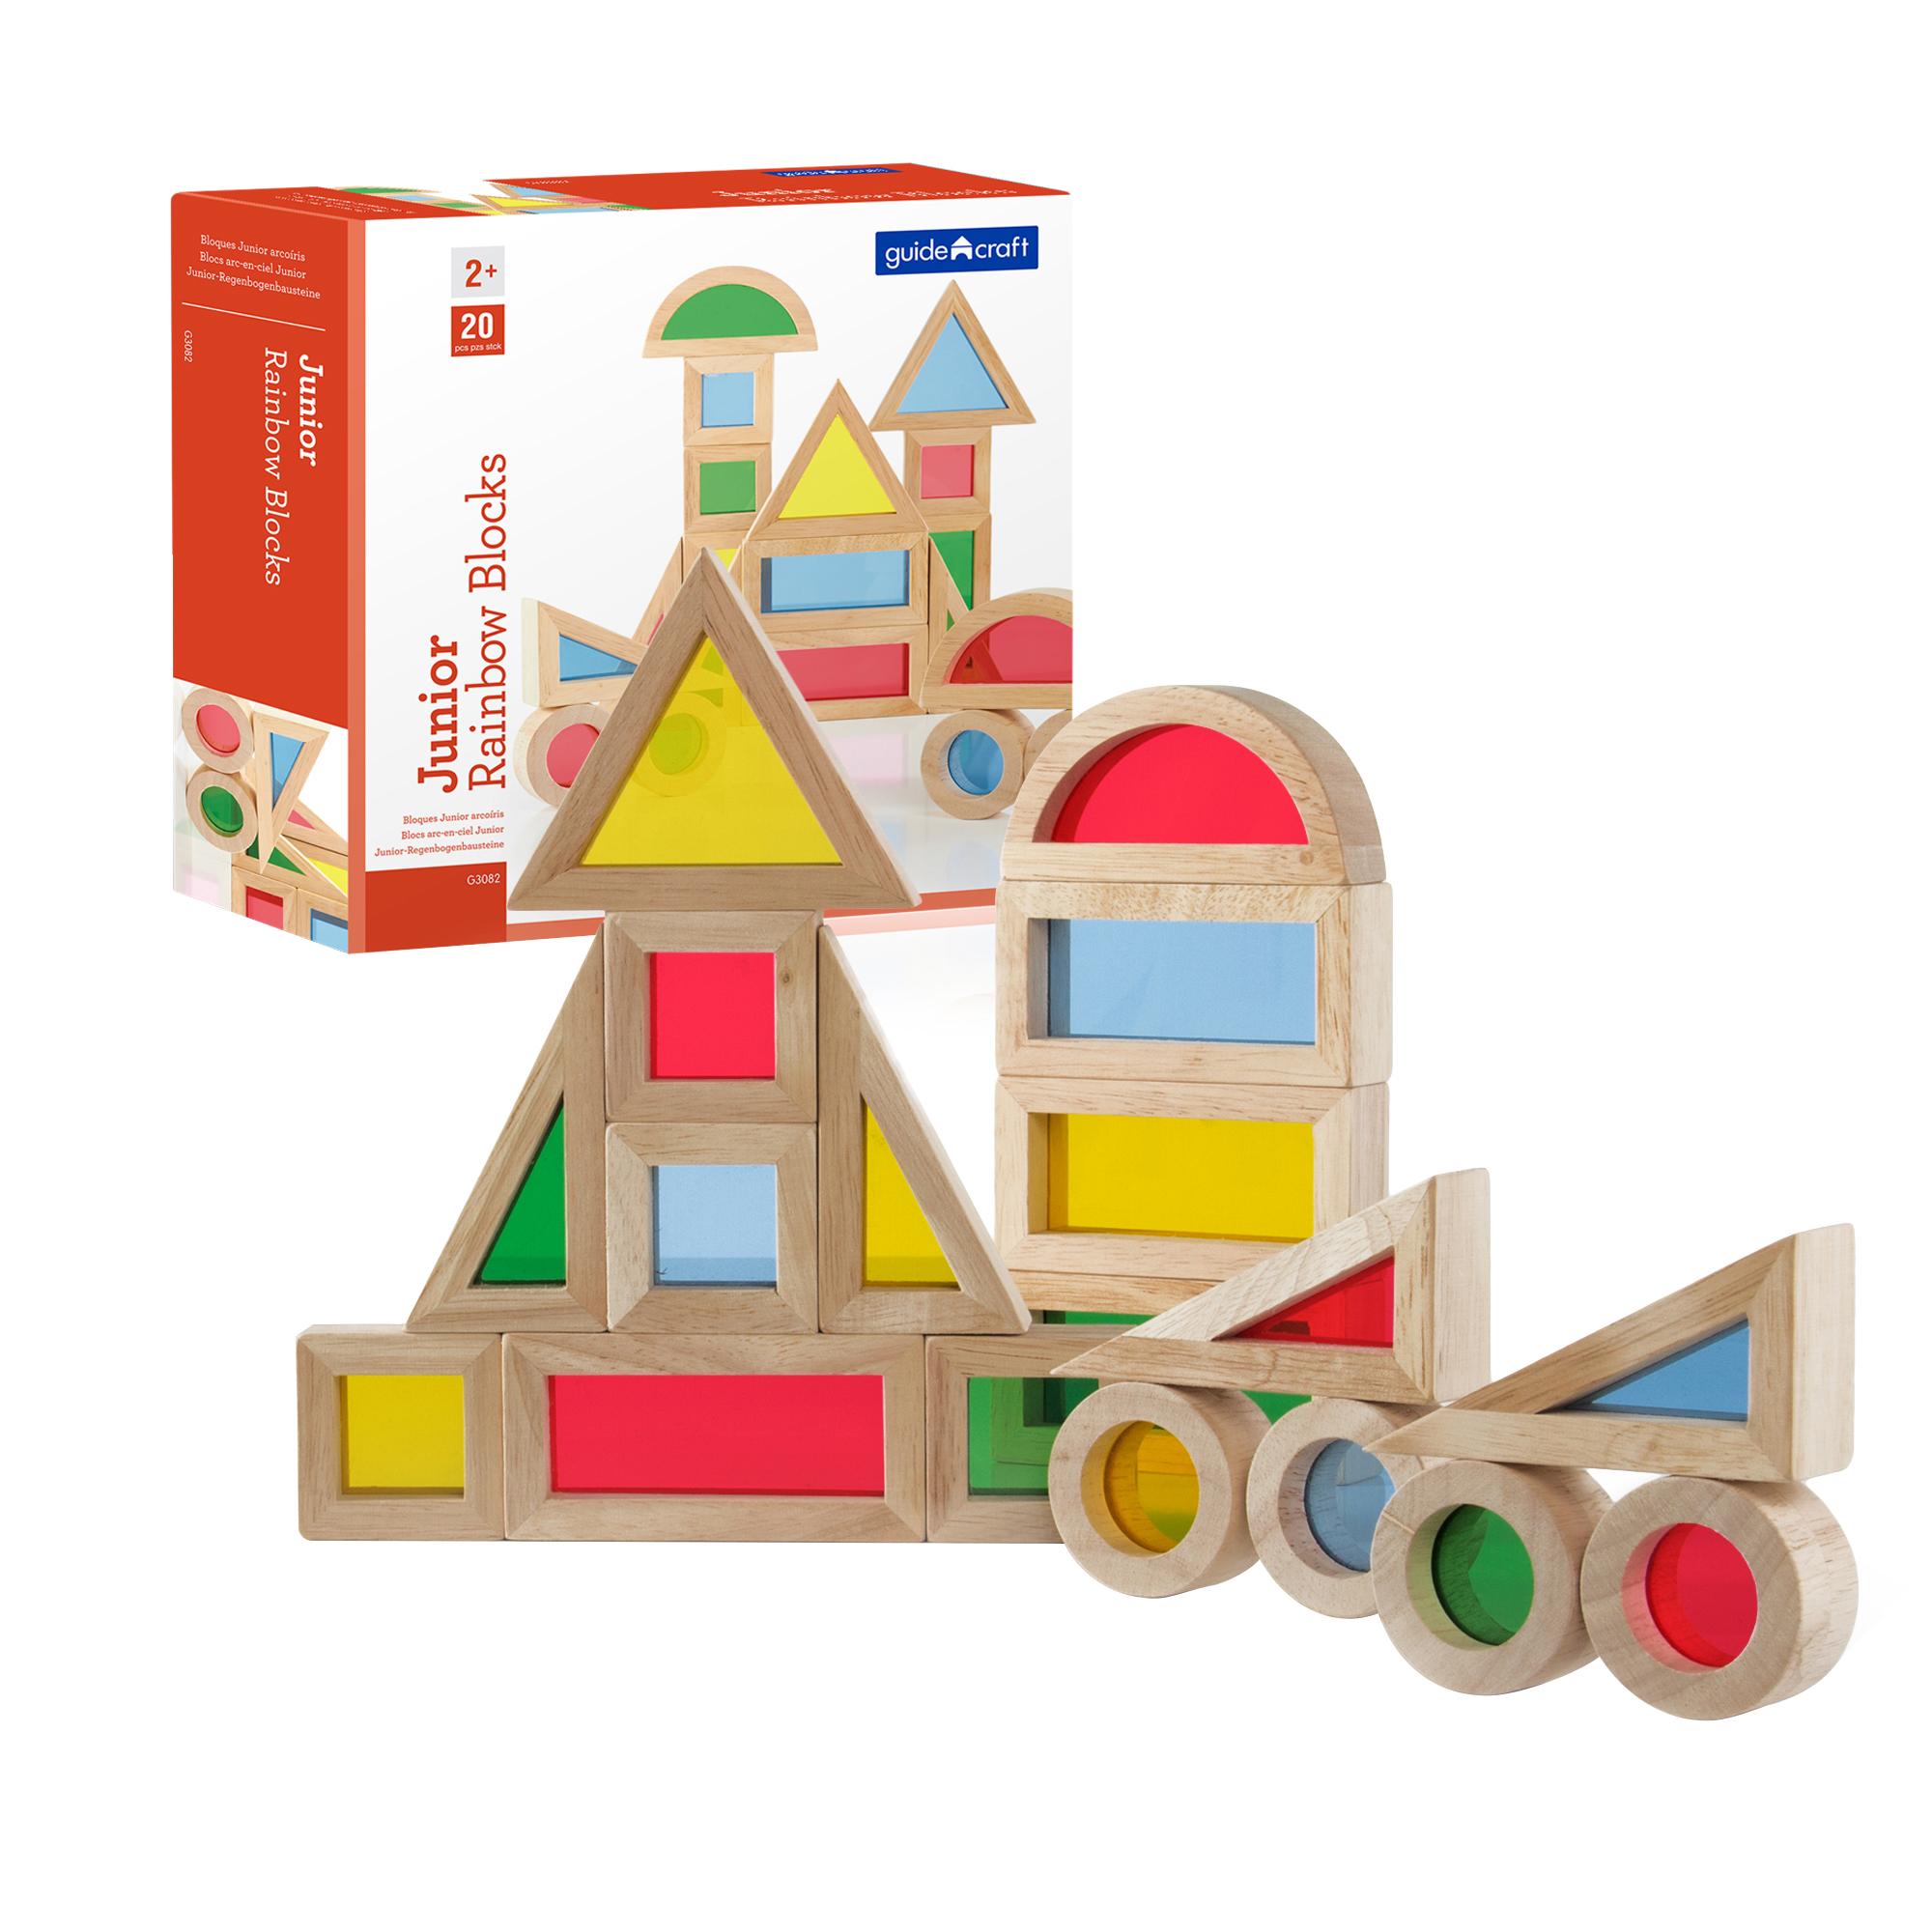 GuideCraft Kids Jr. Rainbow Blocks Activity Play Building Set 20 Piece at Sears.com